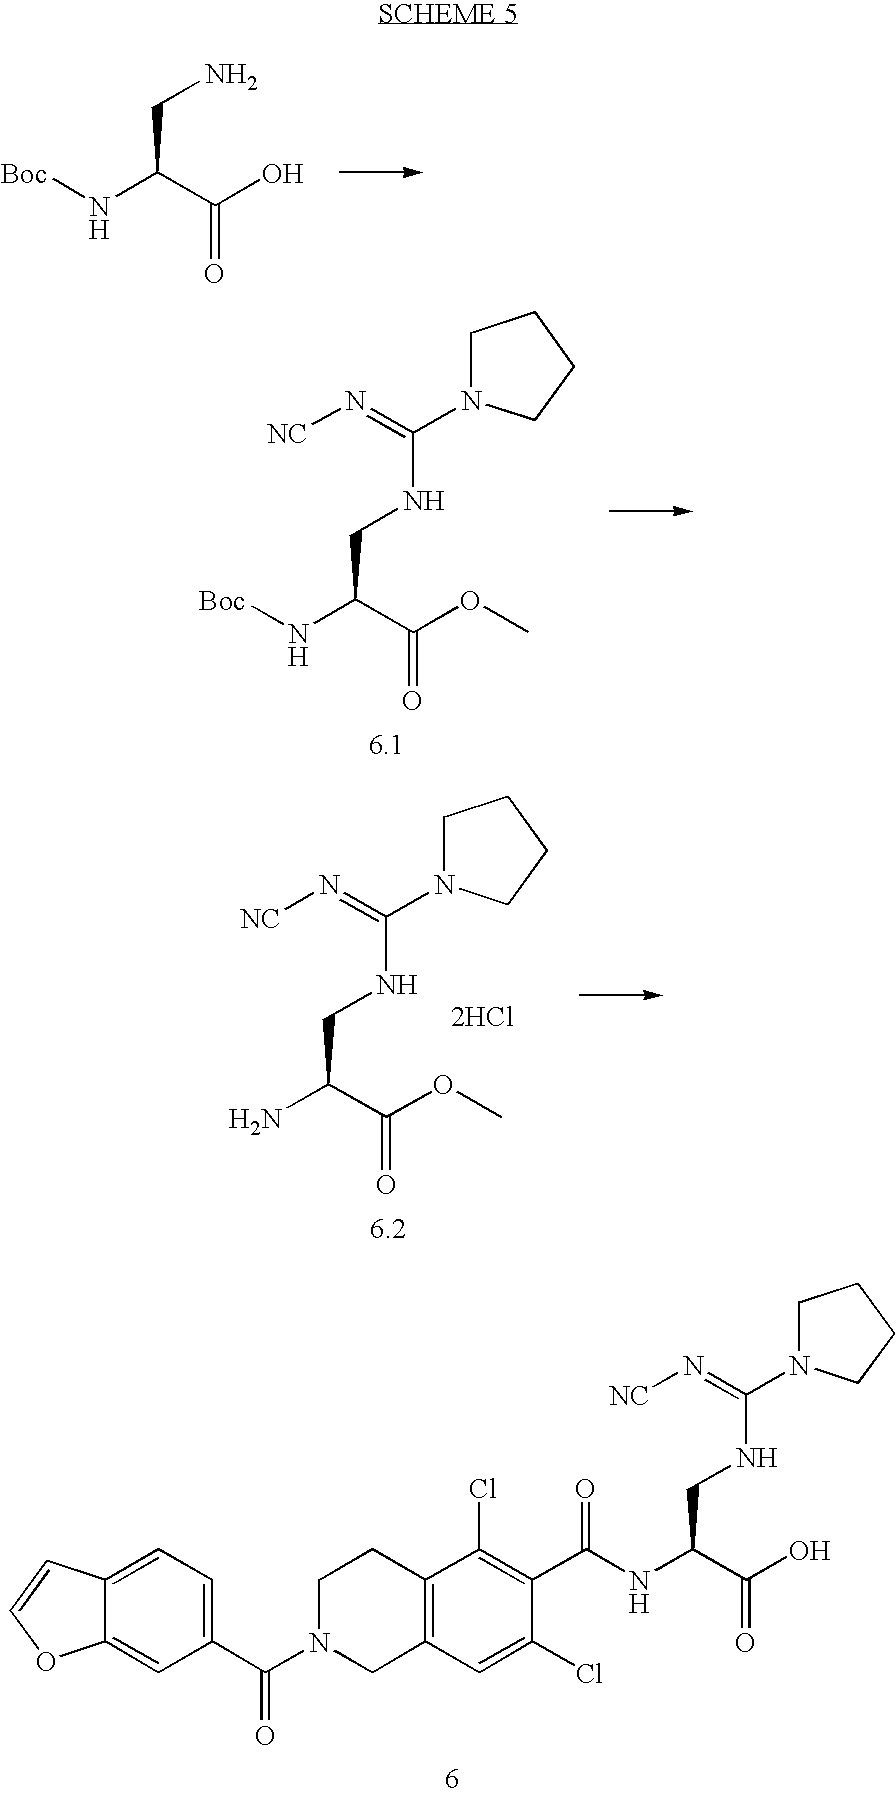 Figure US07745460-20100629-C00109